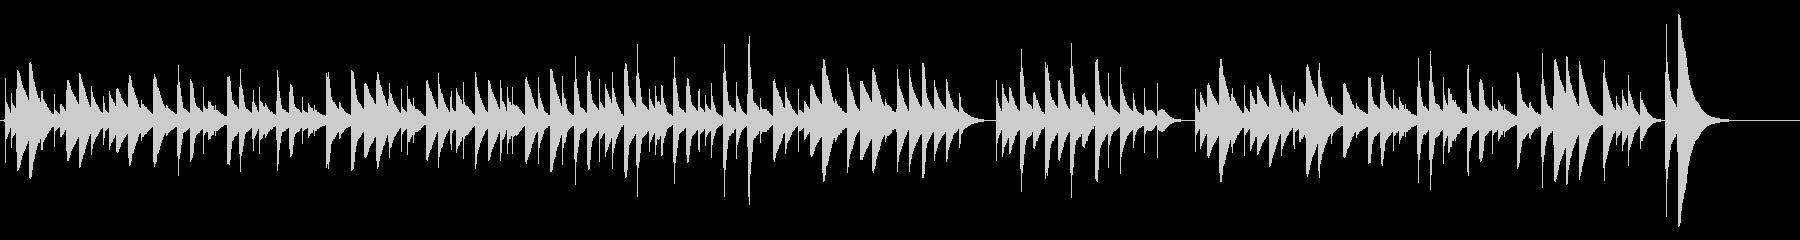 ねこふんじゃったのオルゴールバージョンの未再生の波形